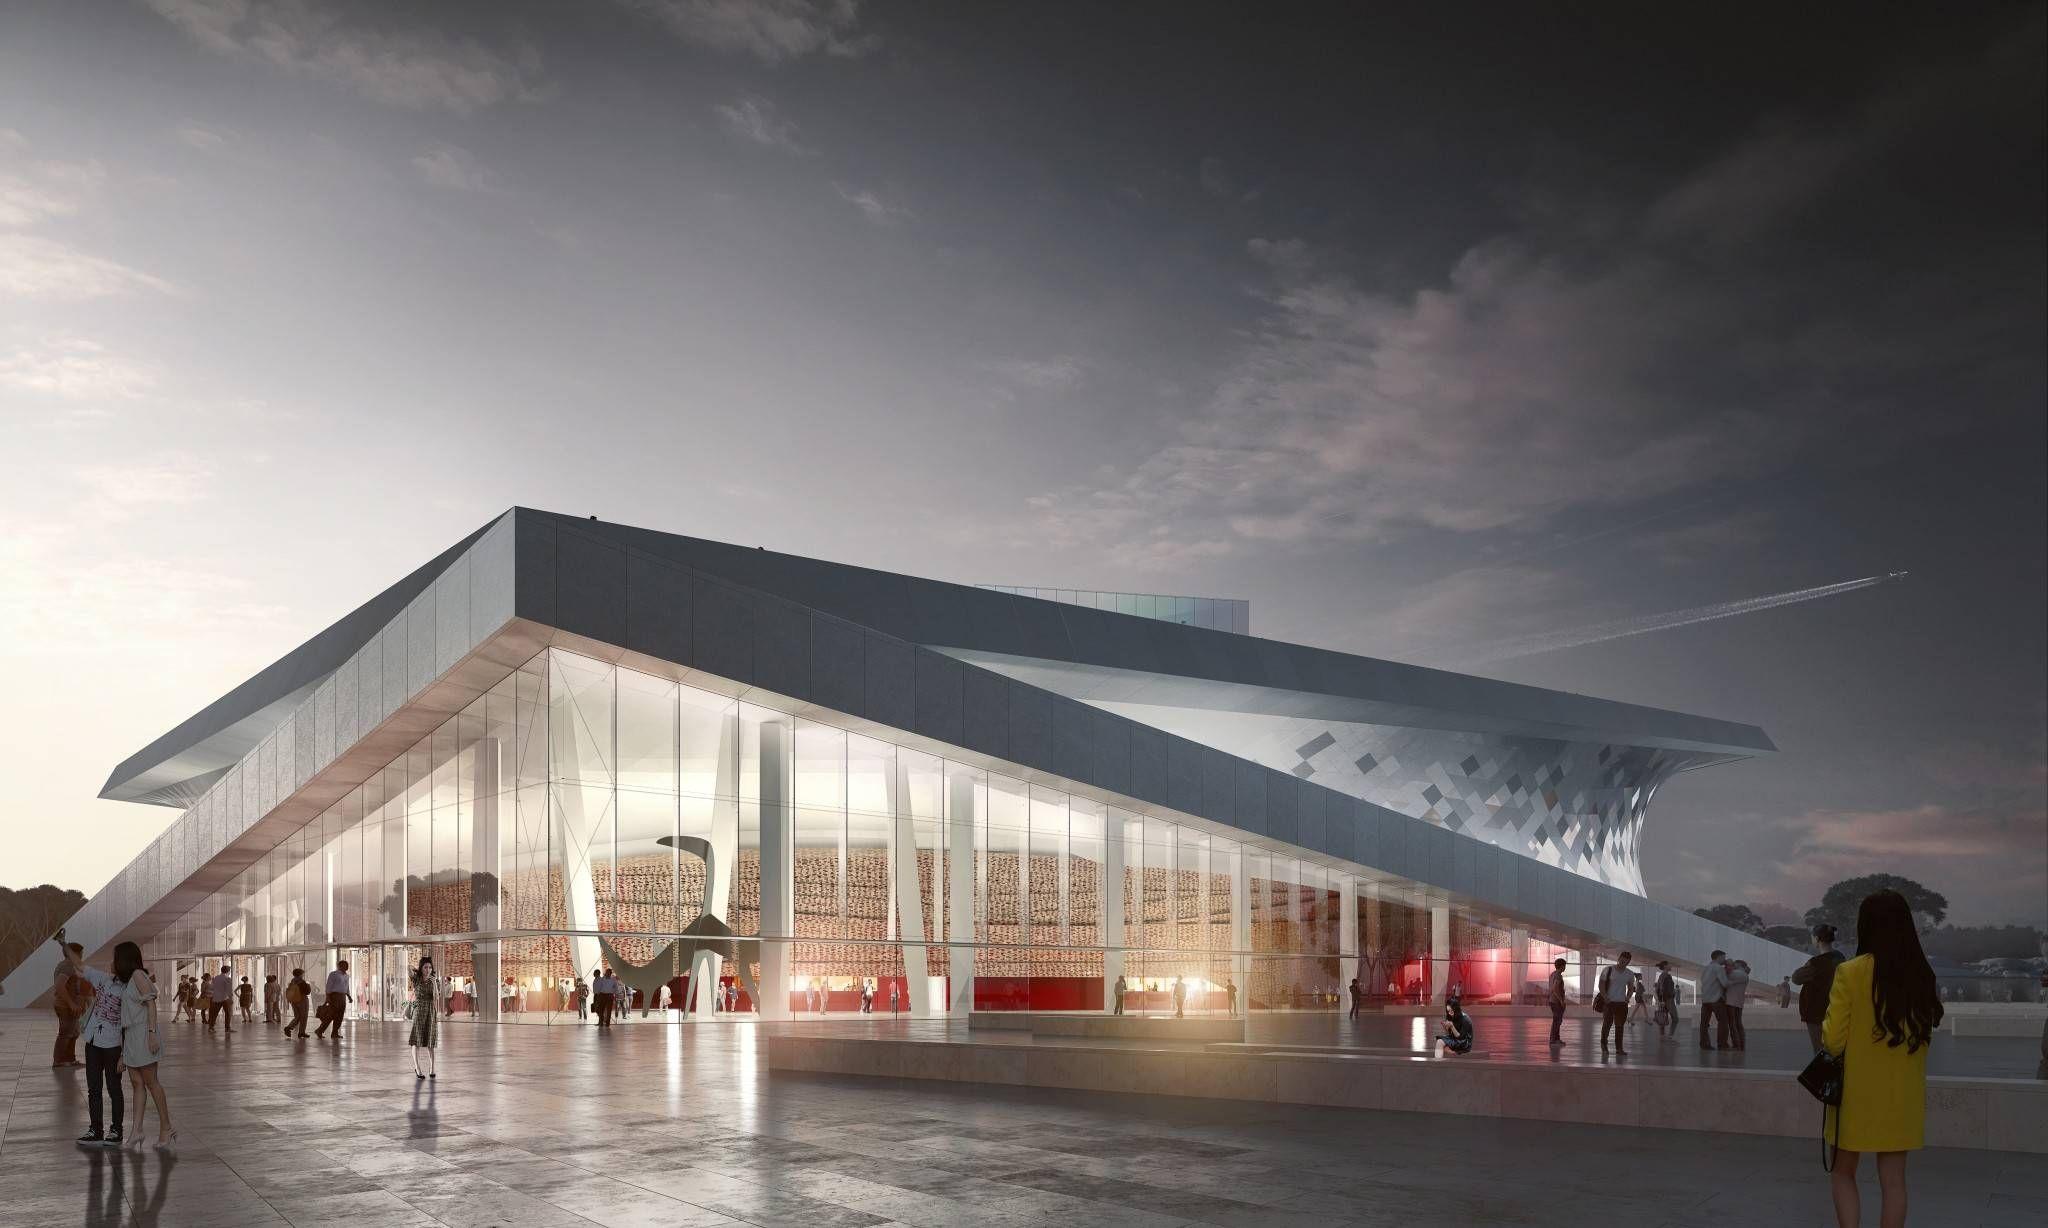 Busan opera house sn hetta and tegmark architecture for Entwurf architektur